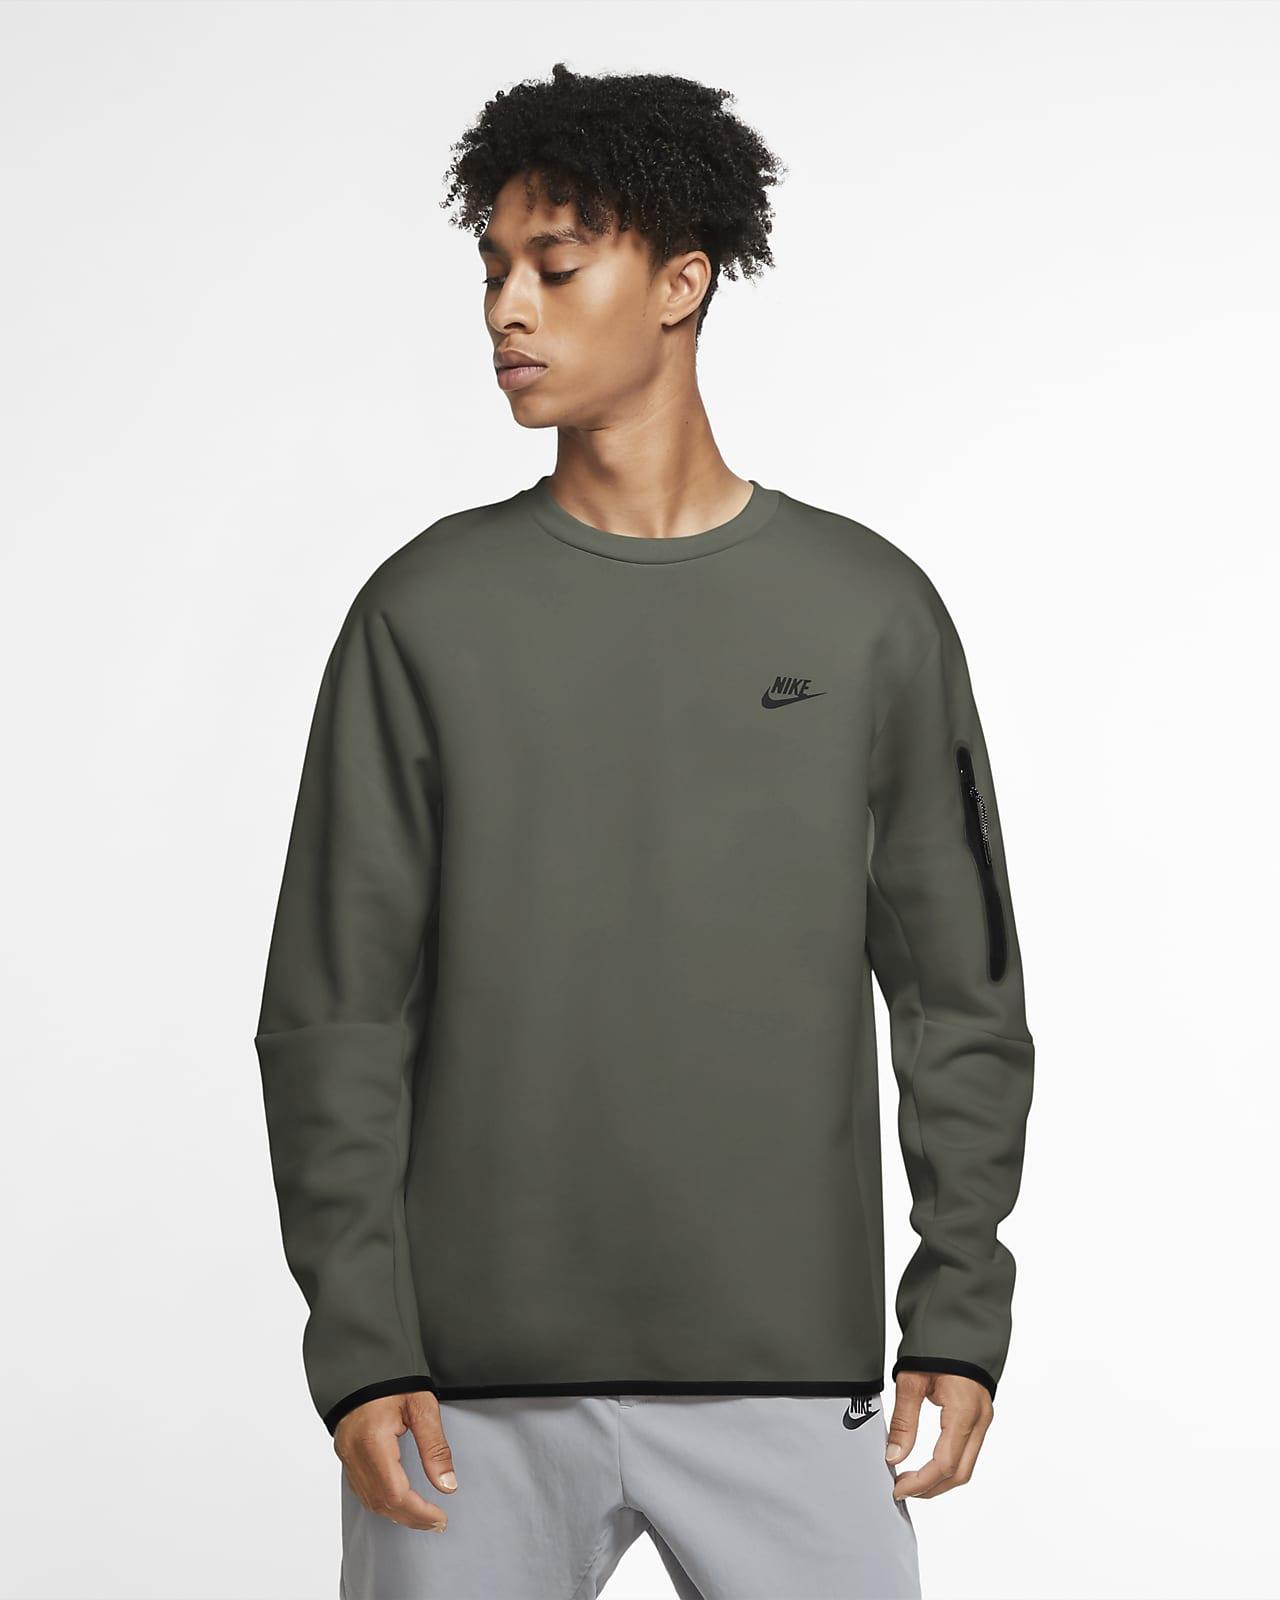 Nike Sportswear Tech Fleece Equipo de hombresNike Sportswear Tech Fleece Equipo de hombres